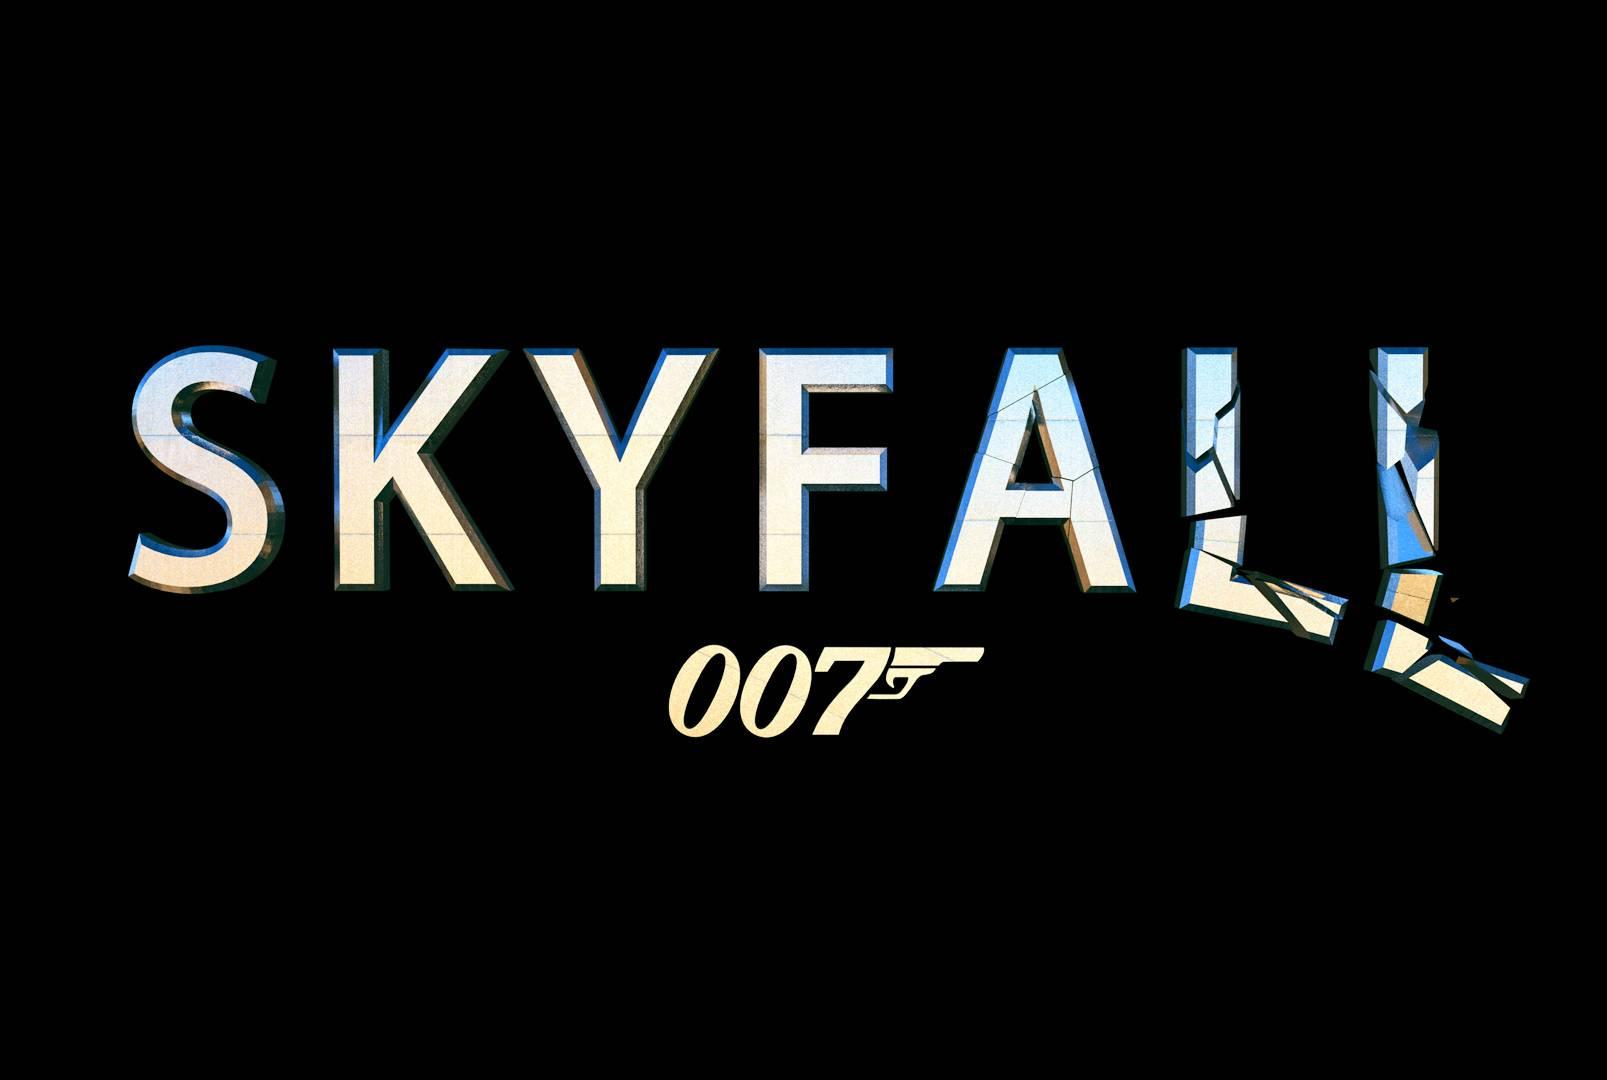 Необычной, картинки с надписью 007